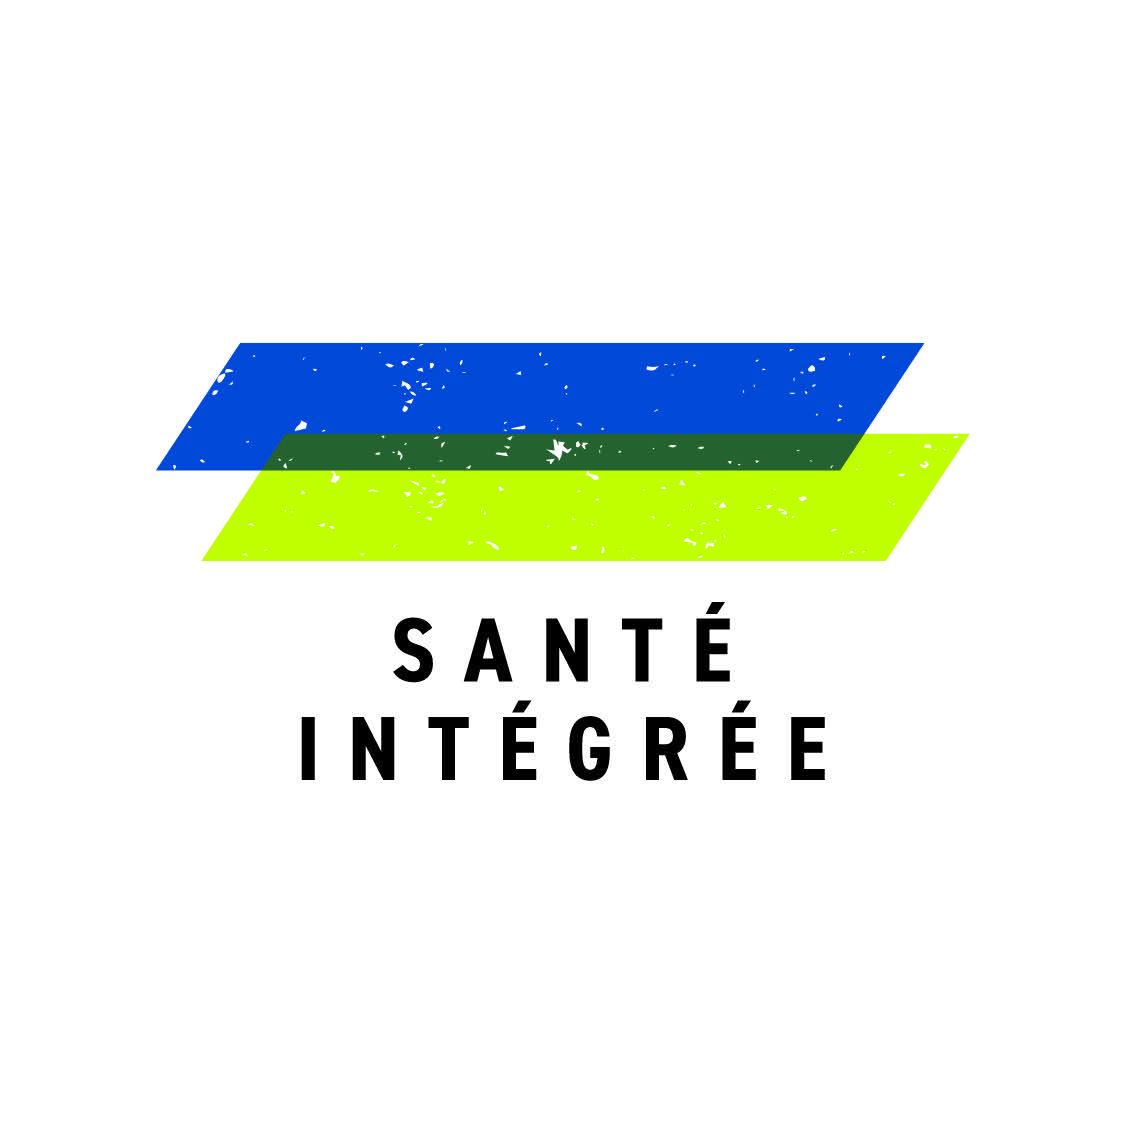 Santé Intégrée CLR copy.jpg